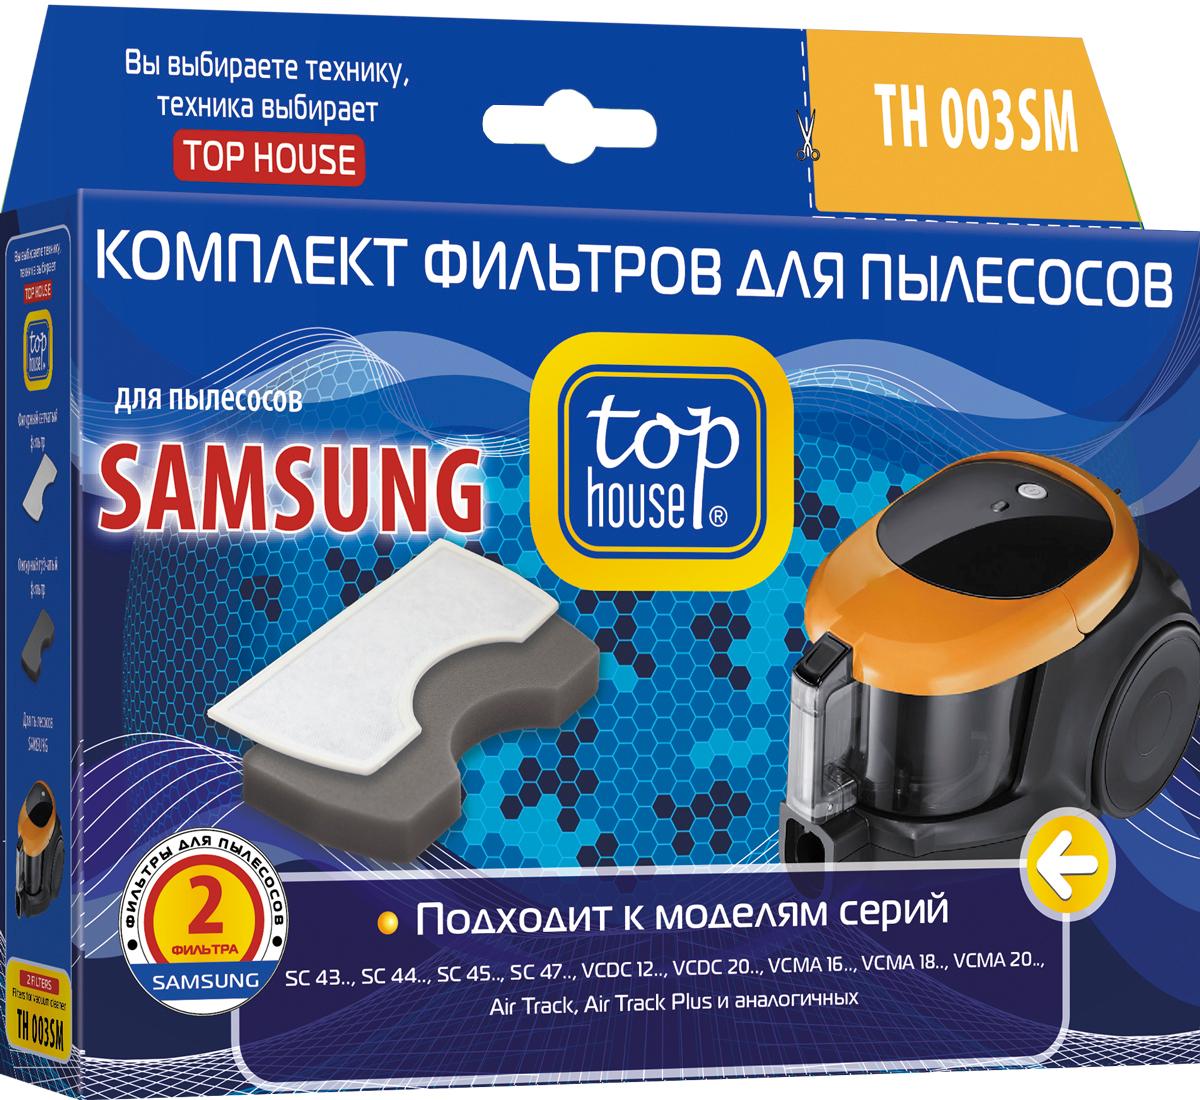 Top House TH 003SM комплект фильтров для пылесосов Samsung, 2 шт комплект фильтров top house th 003sm для пылесосов samsung 2 шт 4660003392838